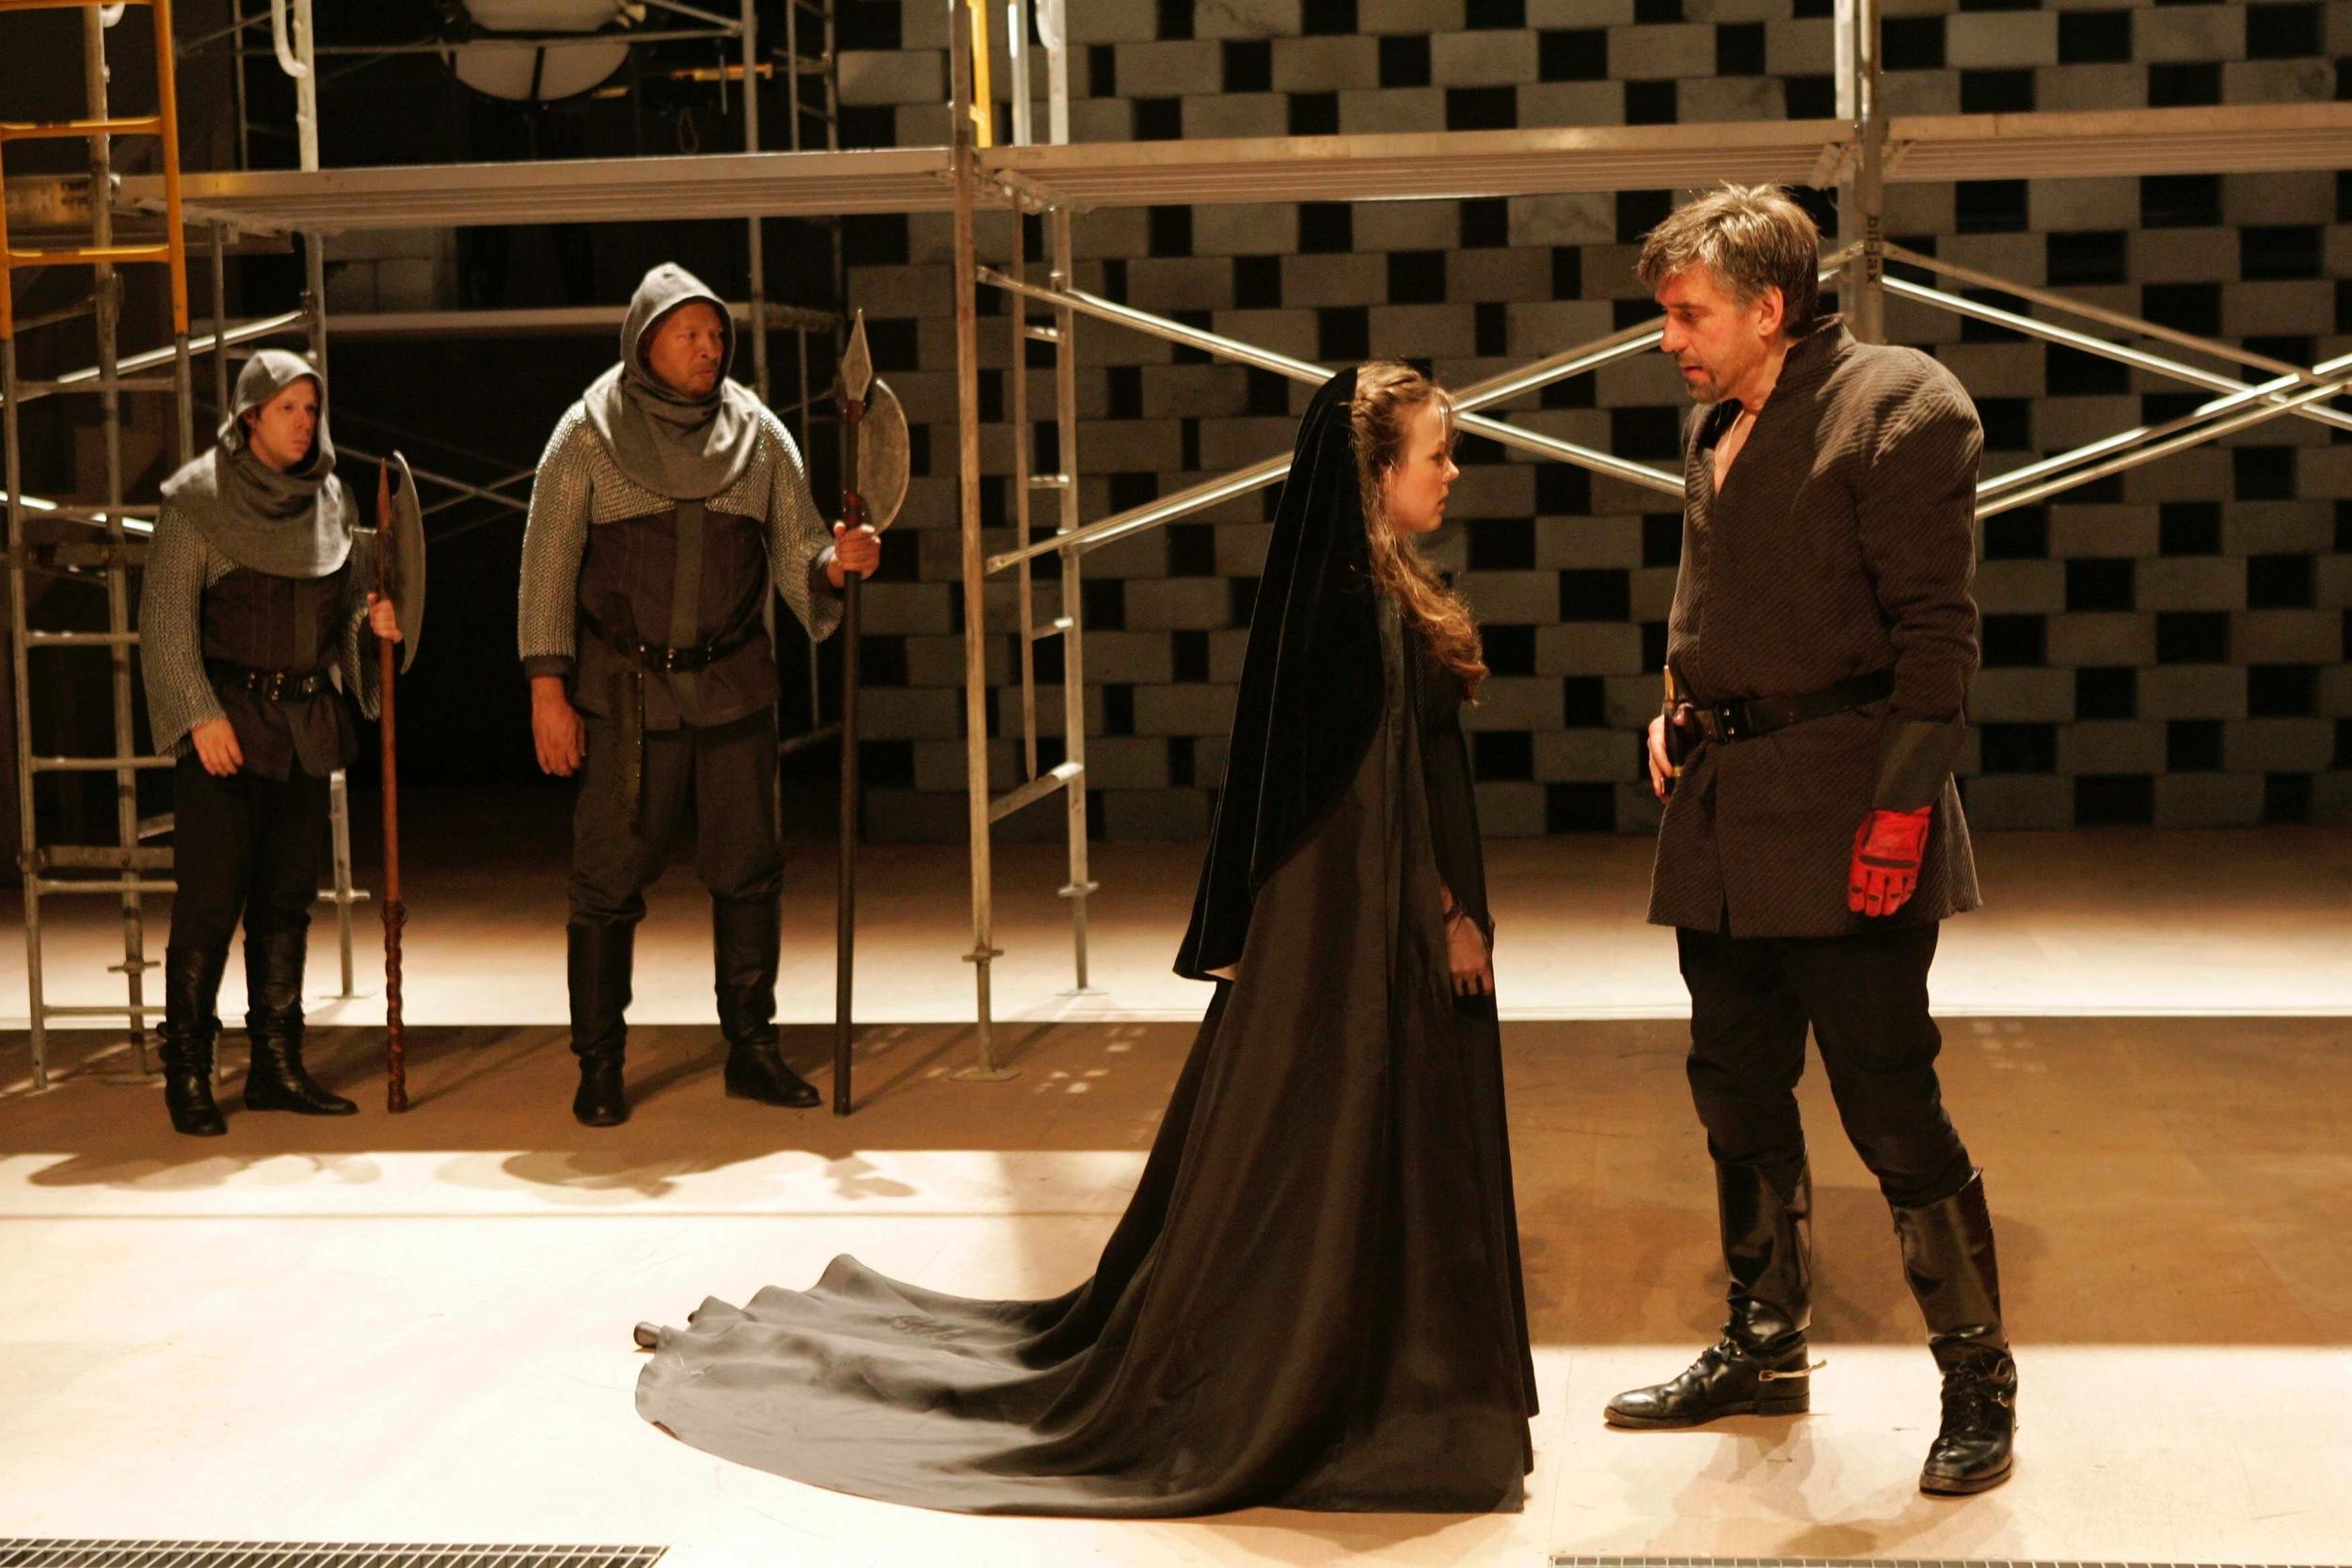 Lady Anne w: Richard.jpg